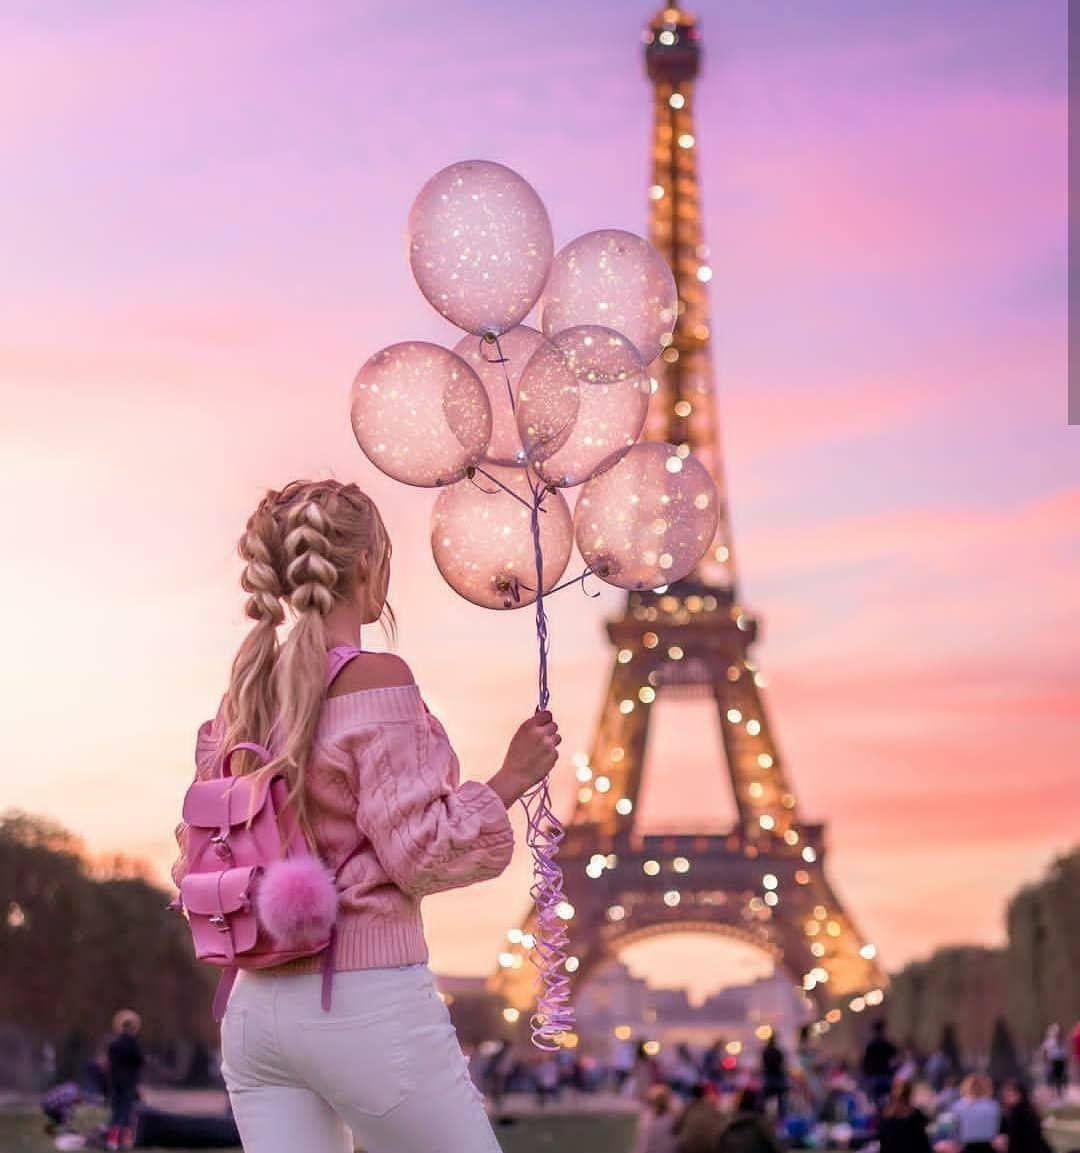 Hastags On Pinterest Find Popular Hastags On Pinterest Paris Photography Paris Pictures Paris Wallpaper